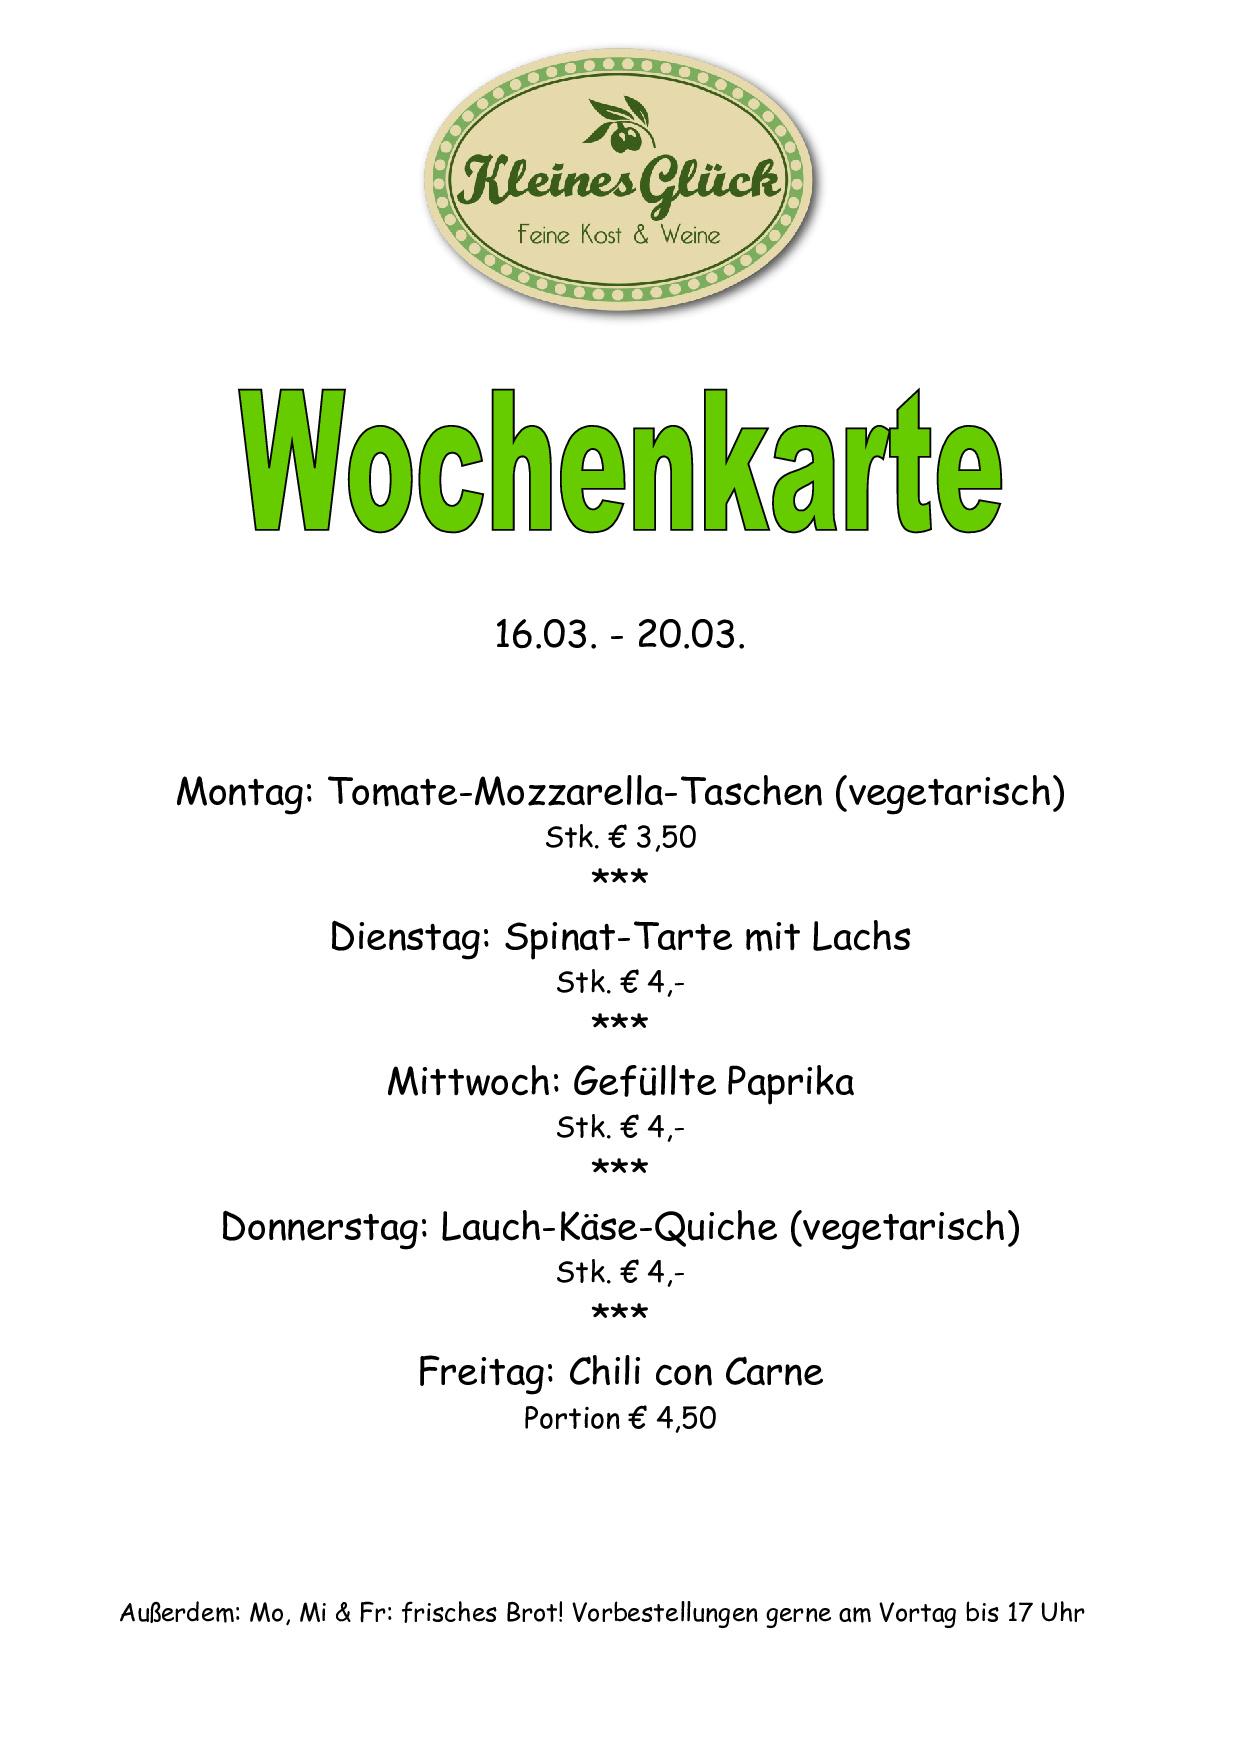 Wochenkarte_15-11